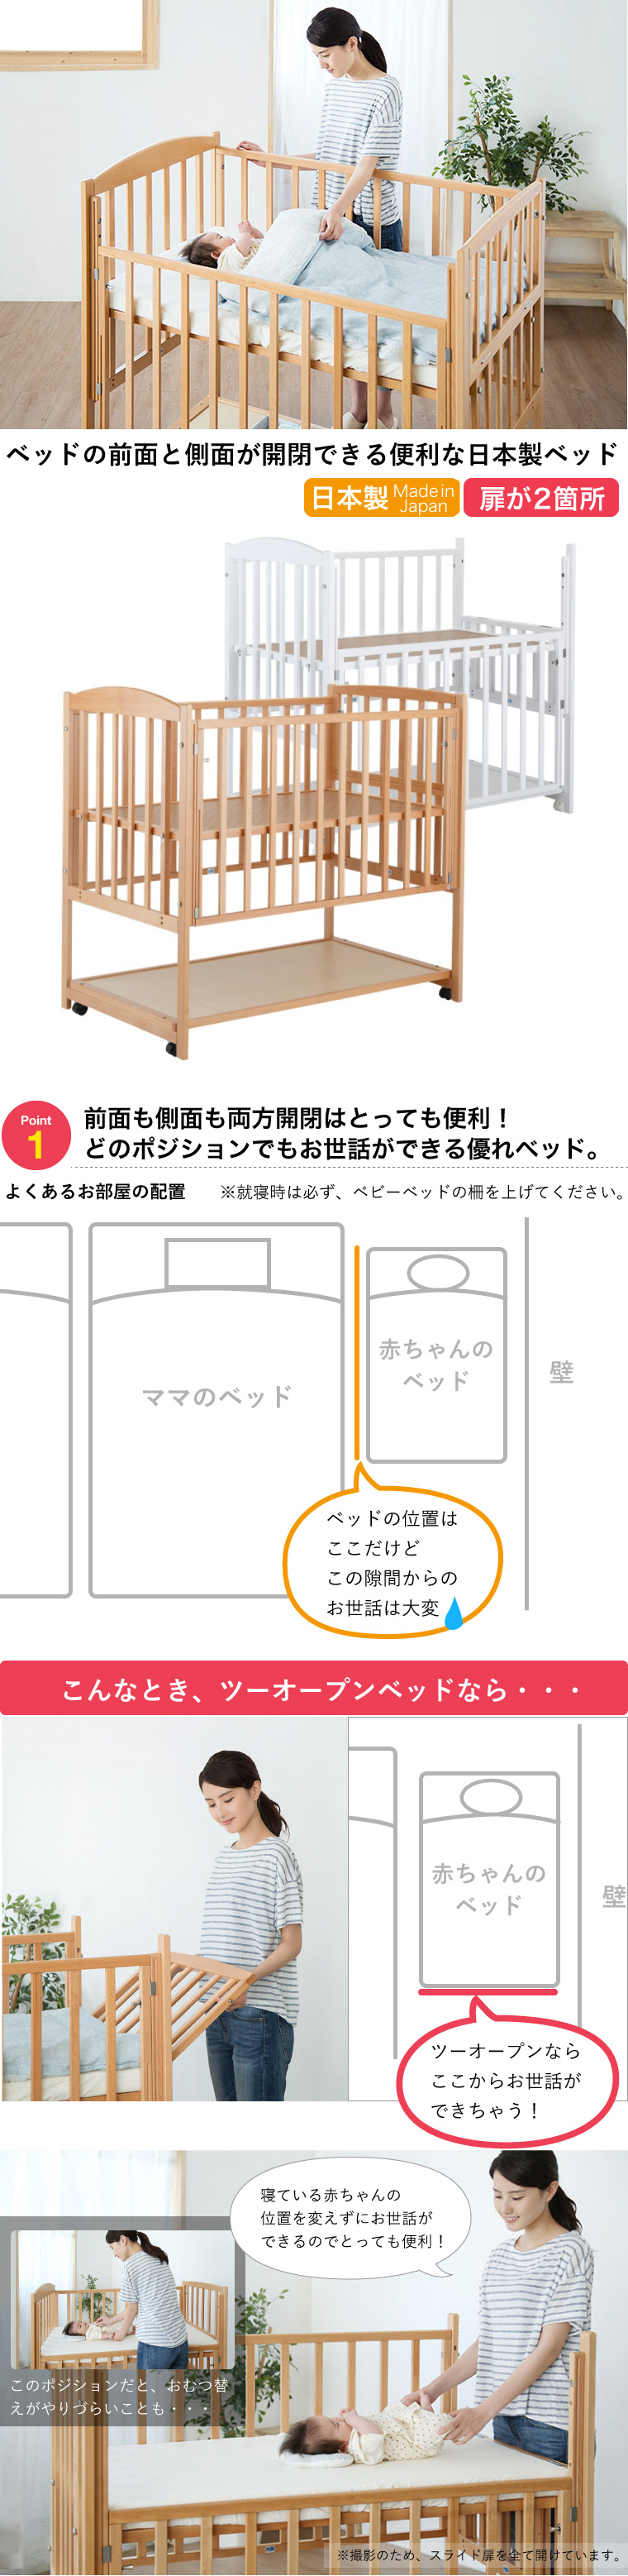 前面も側面も開けられるツーオープンベッド